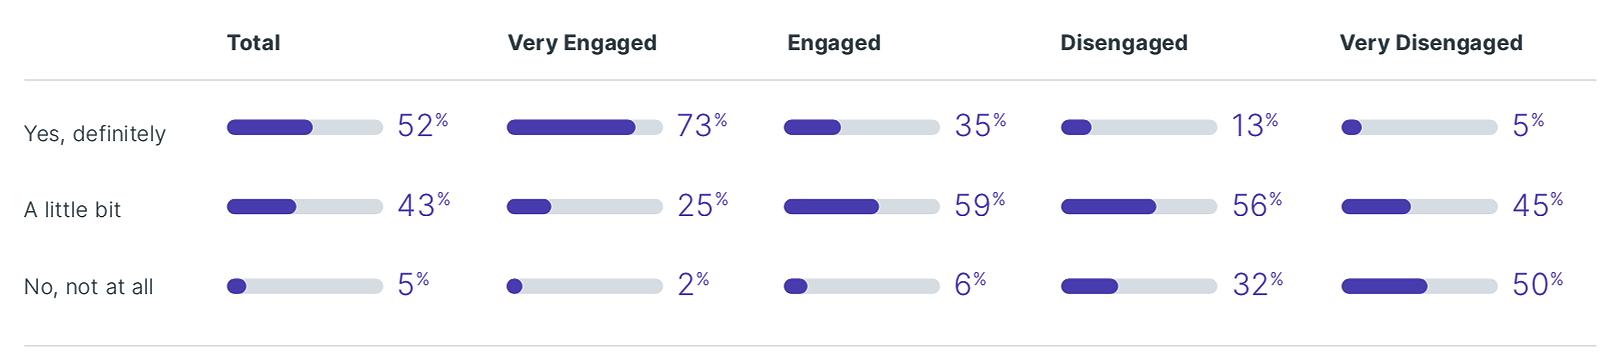 """Frage: """"Ergreift Ihr Unternehmen Maßnahmen und nimmt es Änderungen vor auf Basis Ihres Feedbacks?"""" Je weniger auf Vorschläge eingegangen wird, desto geringer die Motivation (rechte Spalte). (Quelle: Wrike, Employee Engagement Survey 2019)"""